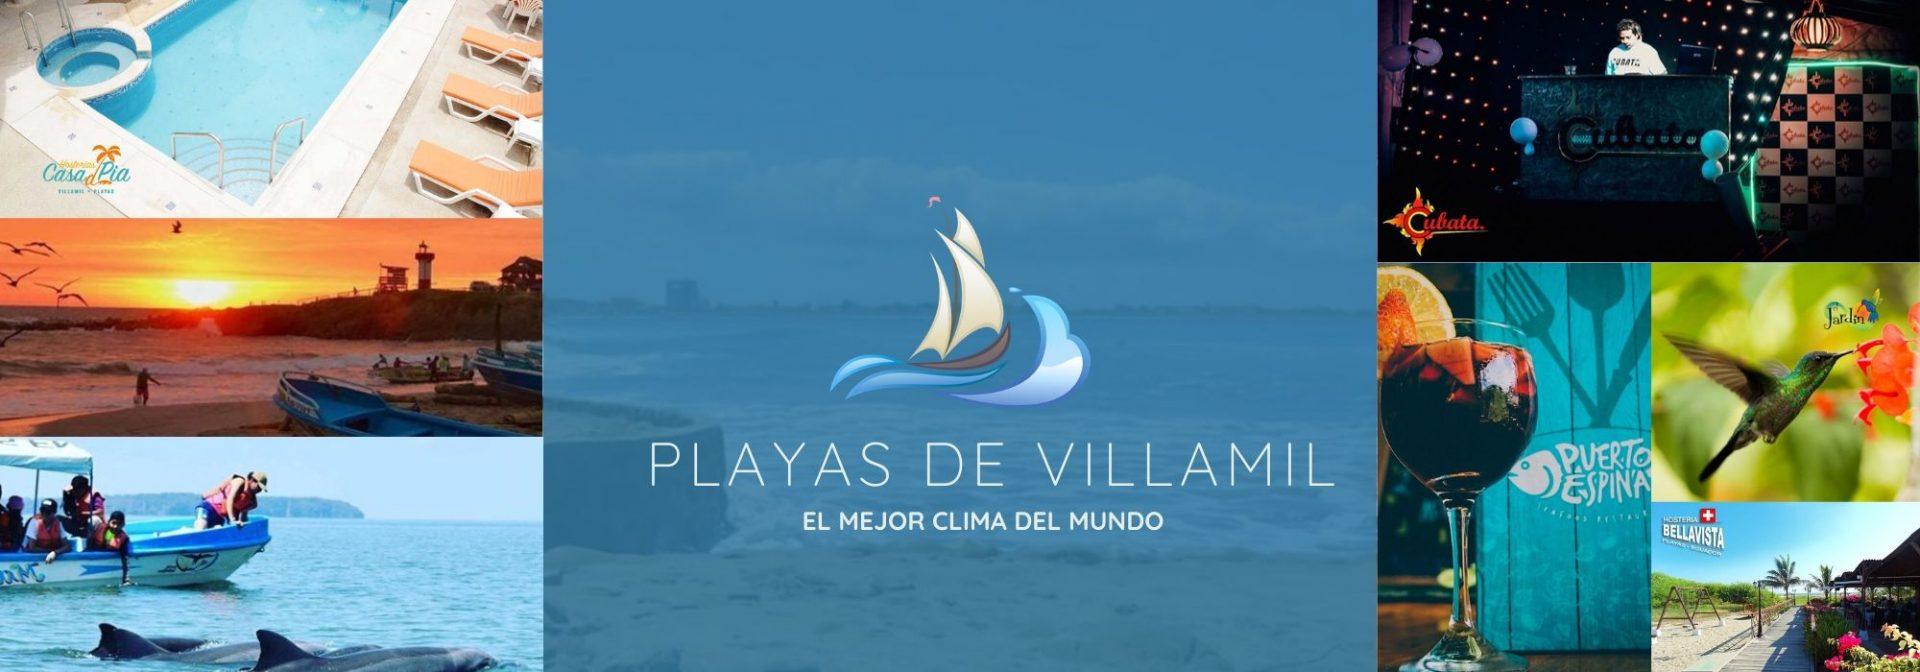 Playas de Villamil turismo en General Villamil Guayas, Ecuador